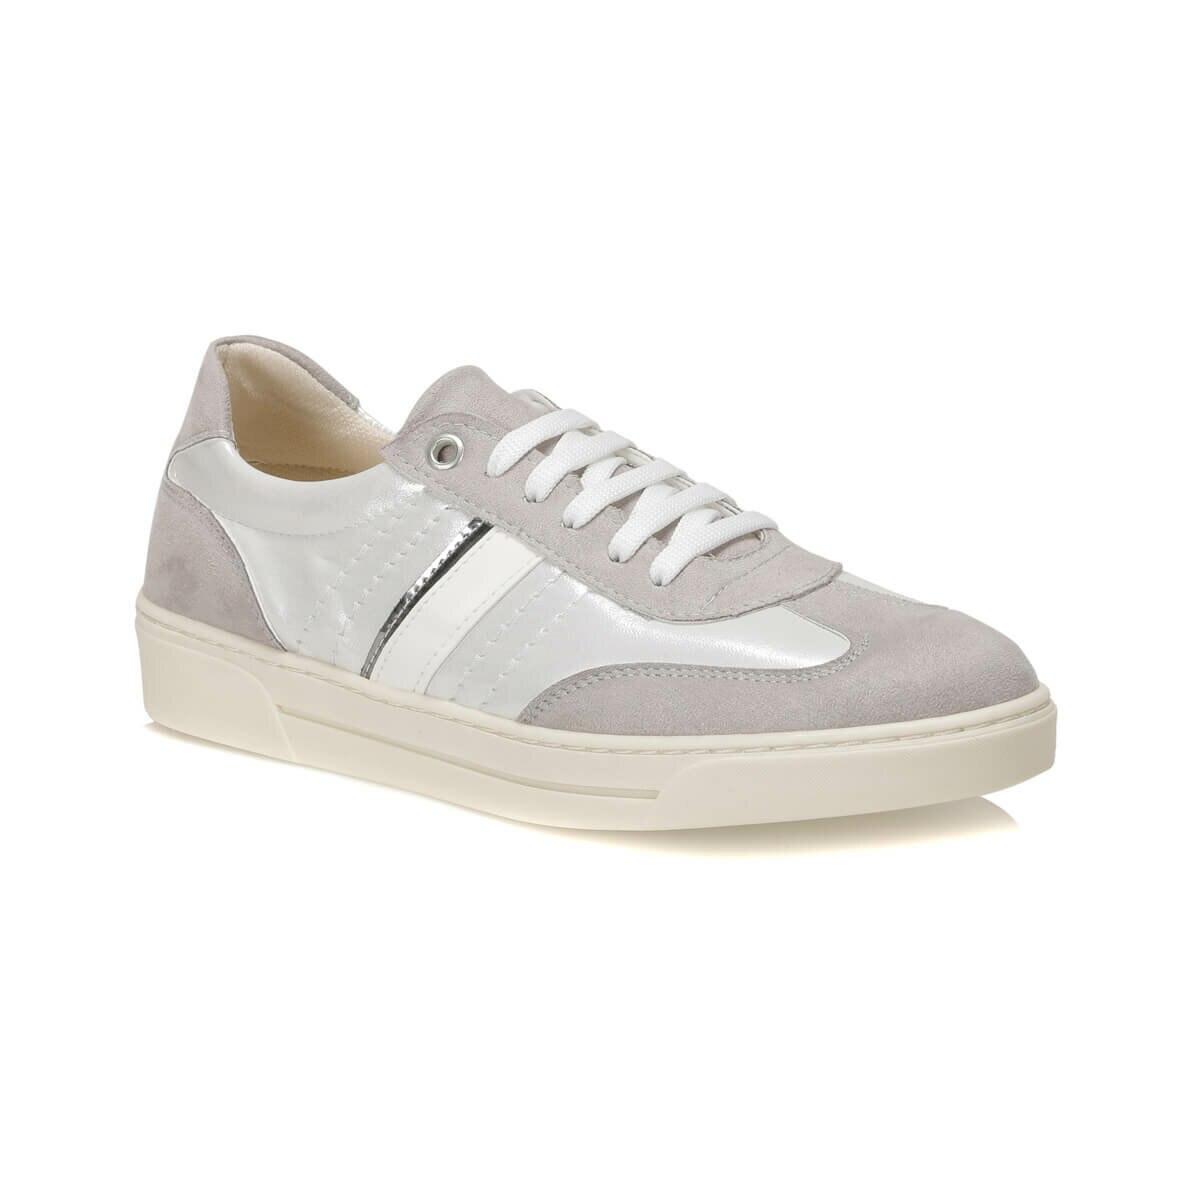 FLO 19S-503 Gray Women 'S Shoes BUTIGO